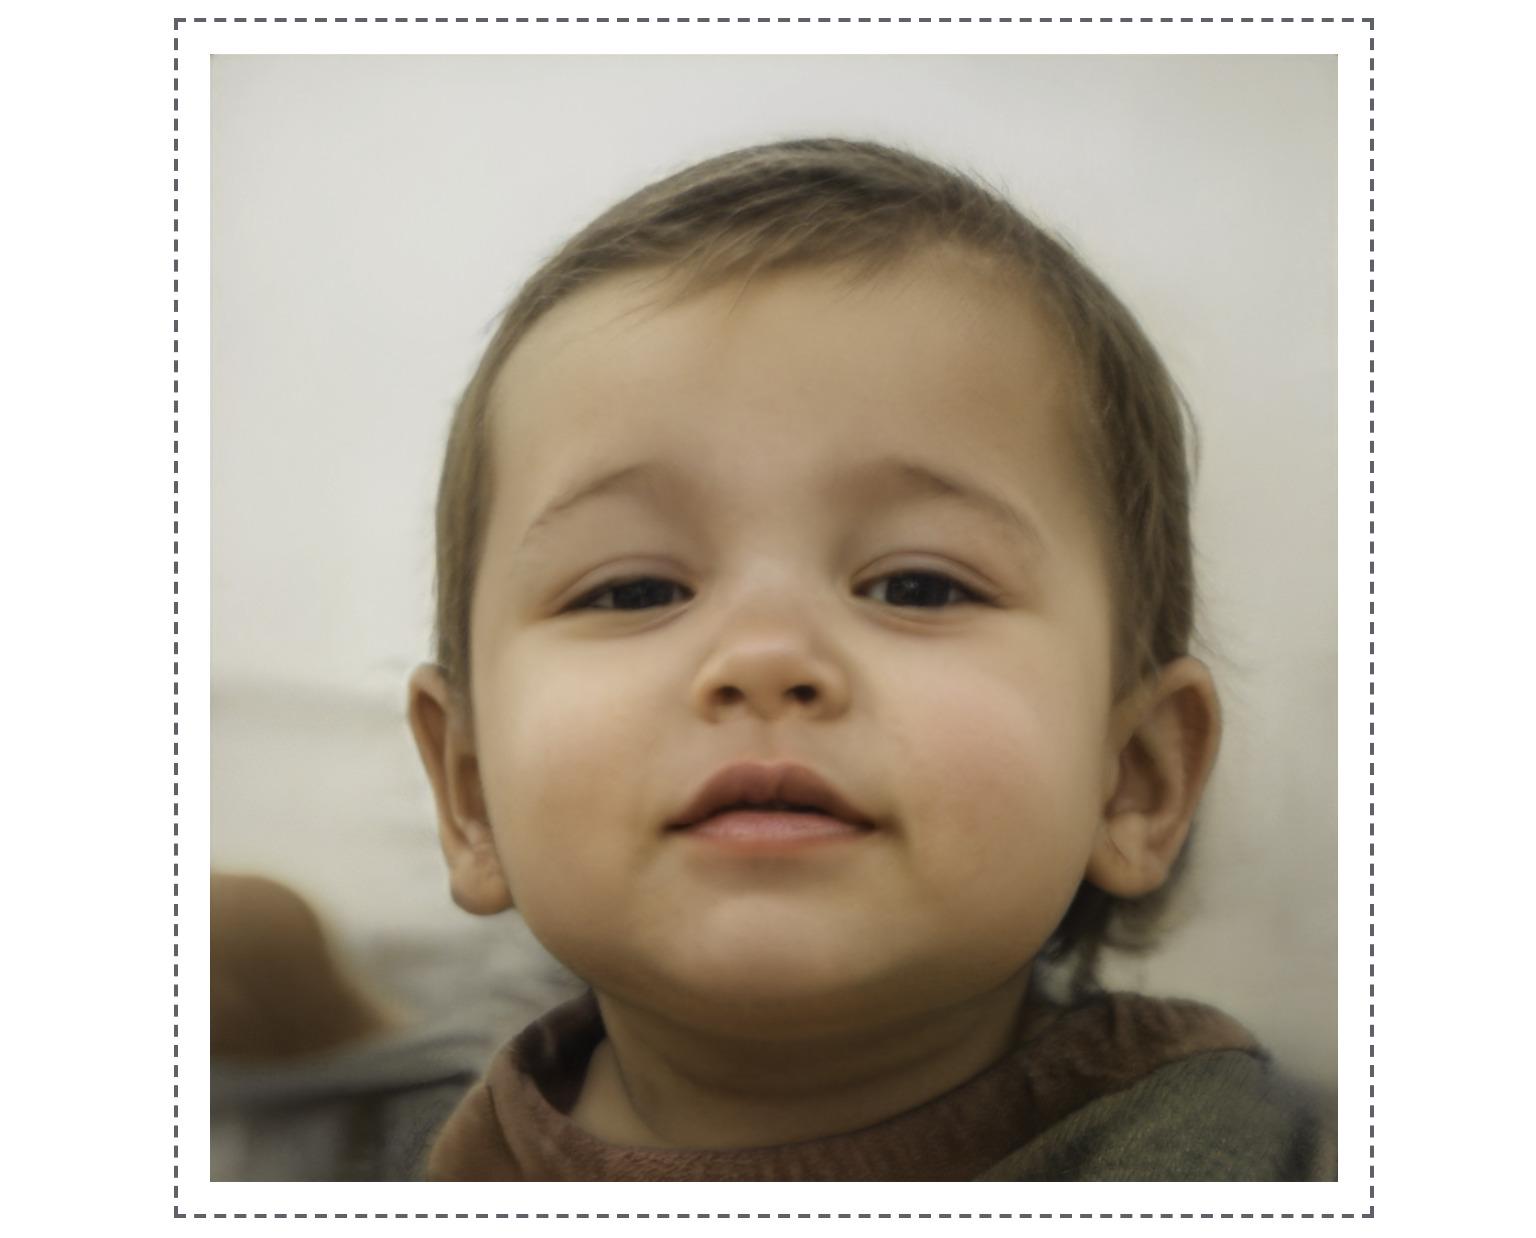 AIが赤ちゃんの顔を予測する赤ちゃんACとは!?